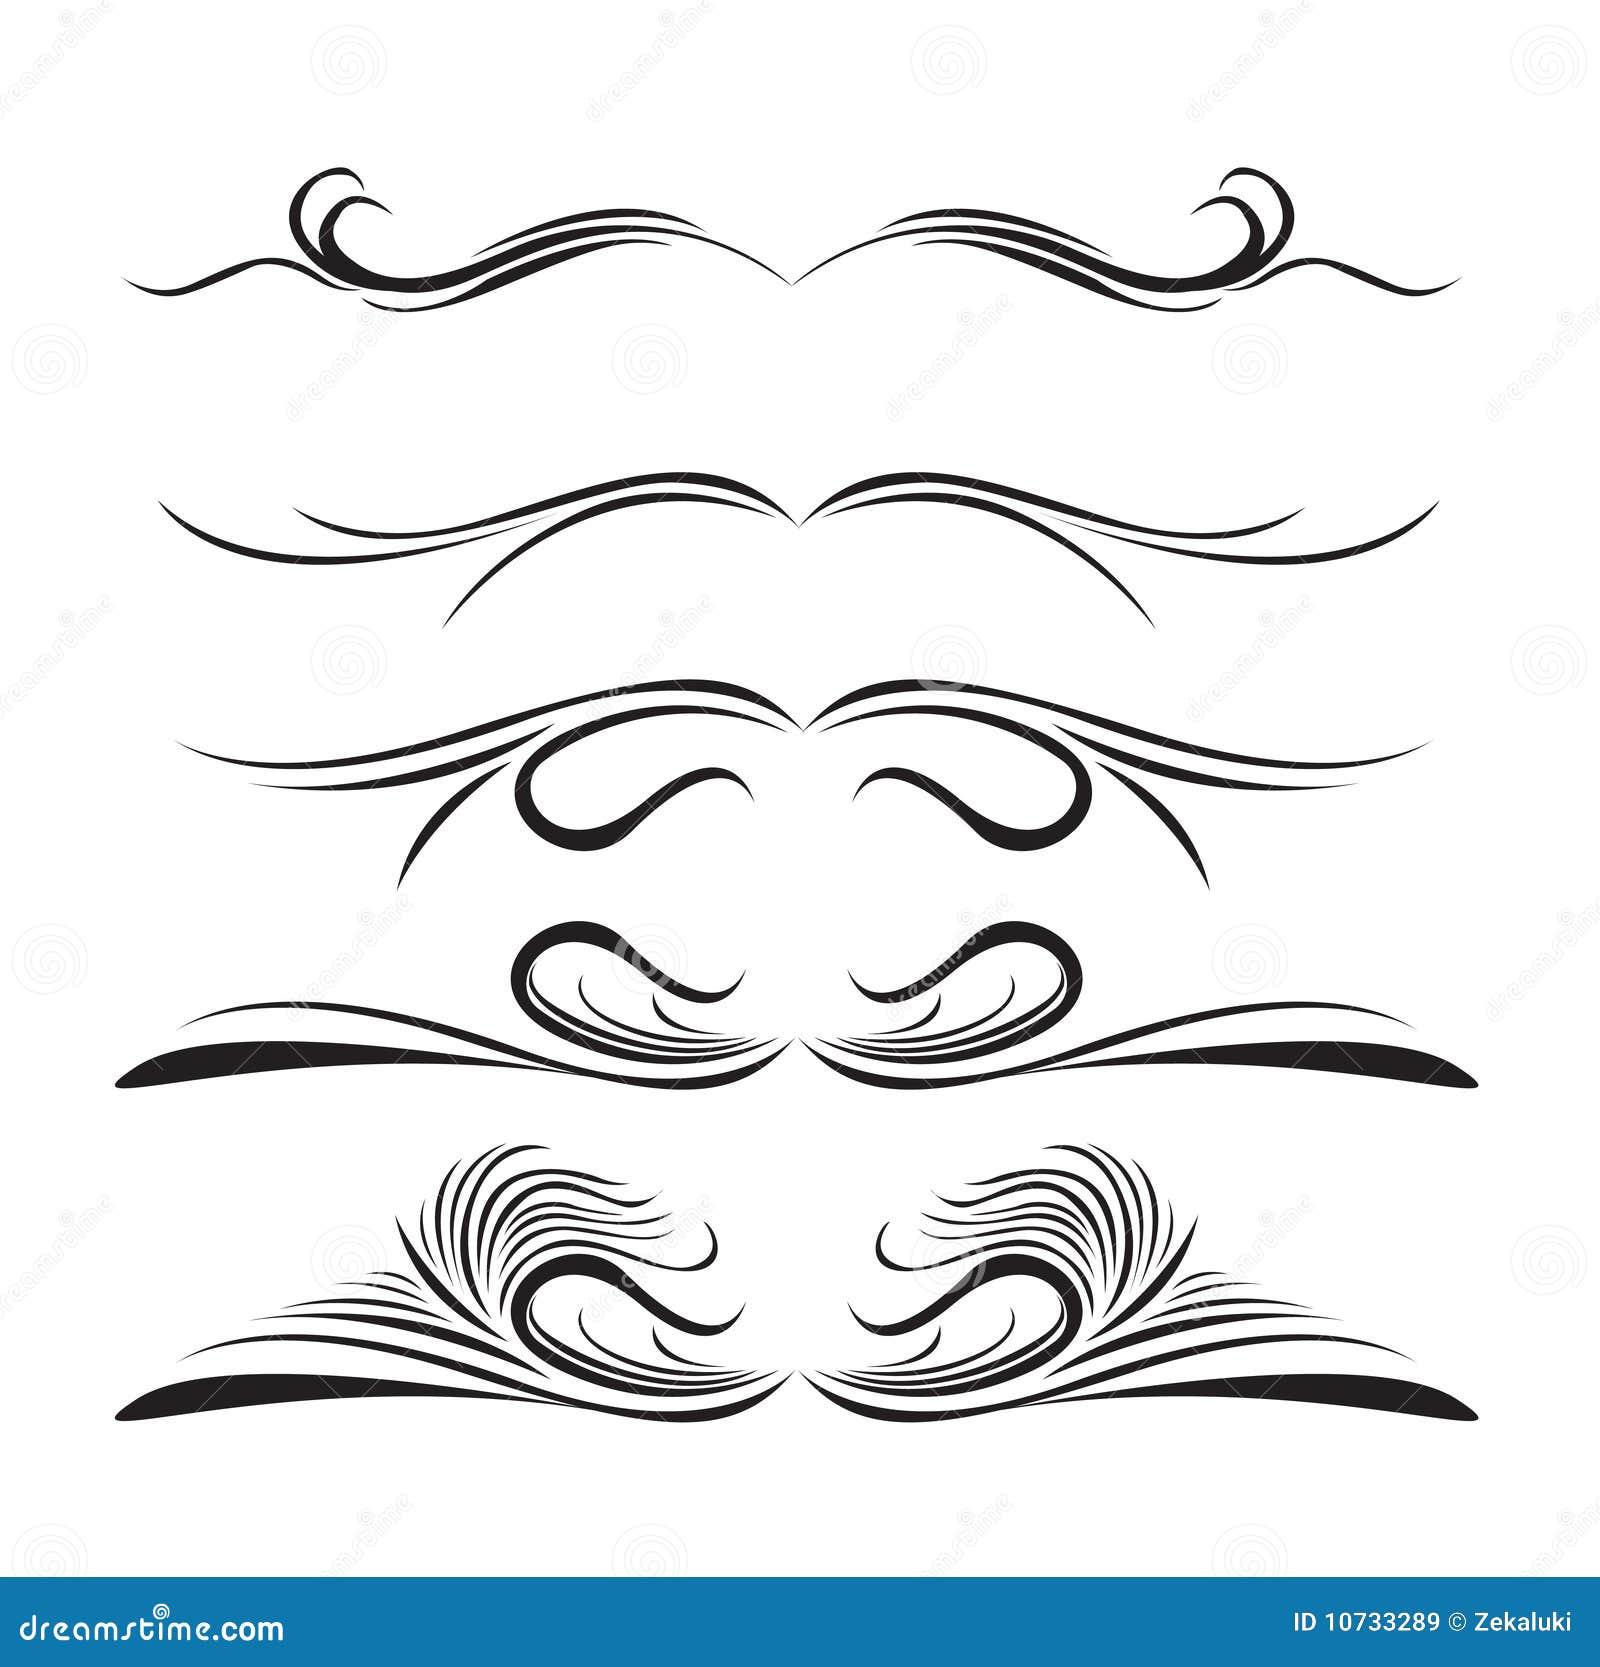 Line Design Art Rubric : Líneas elementos del diseño de diversos estilos imágenes